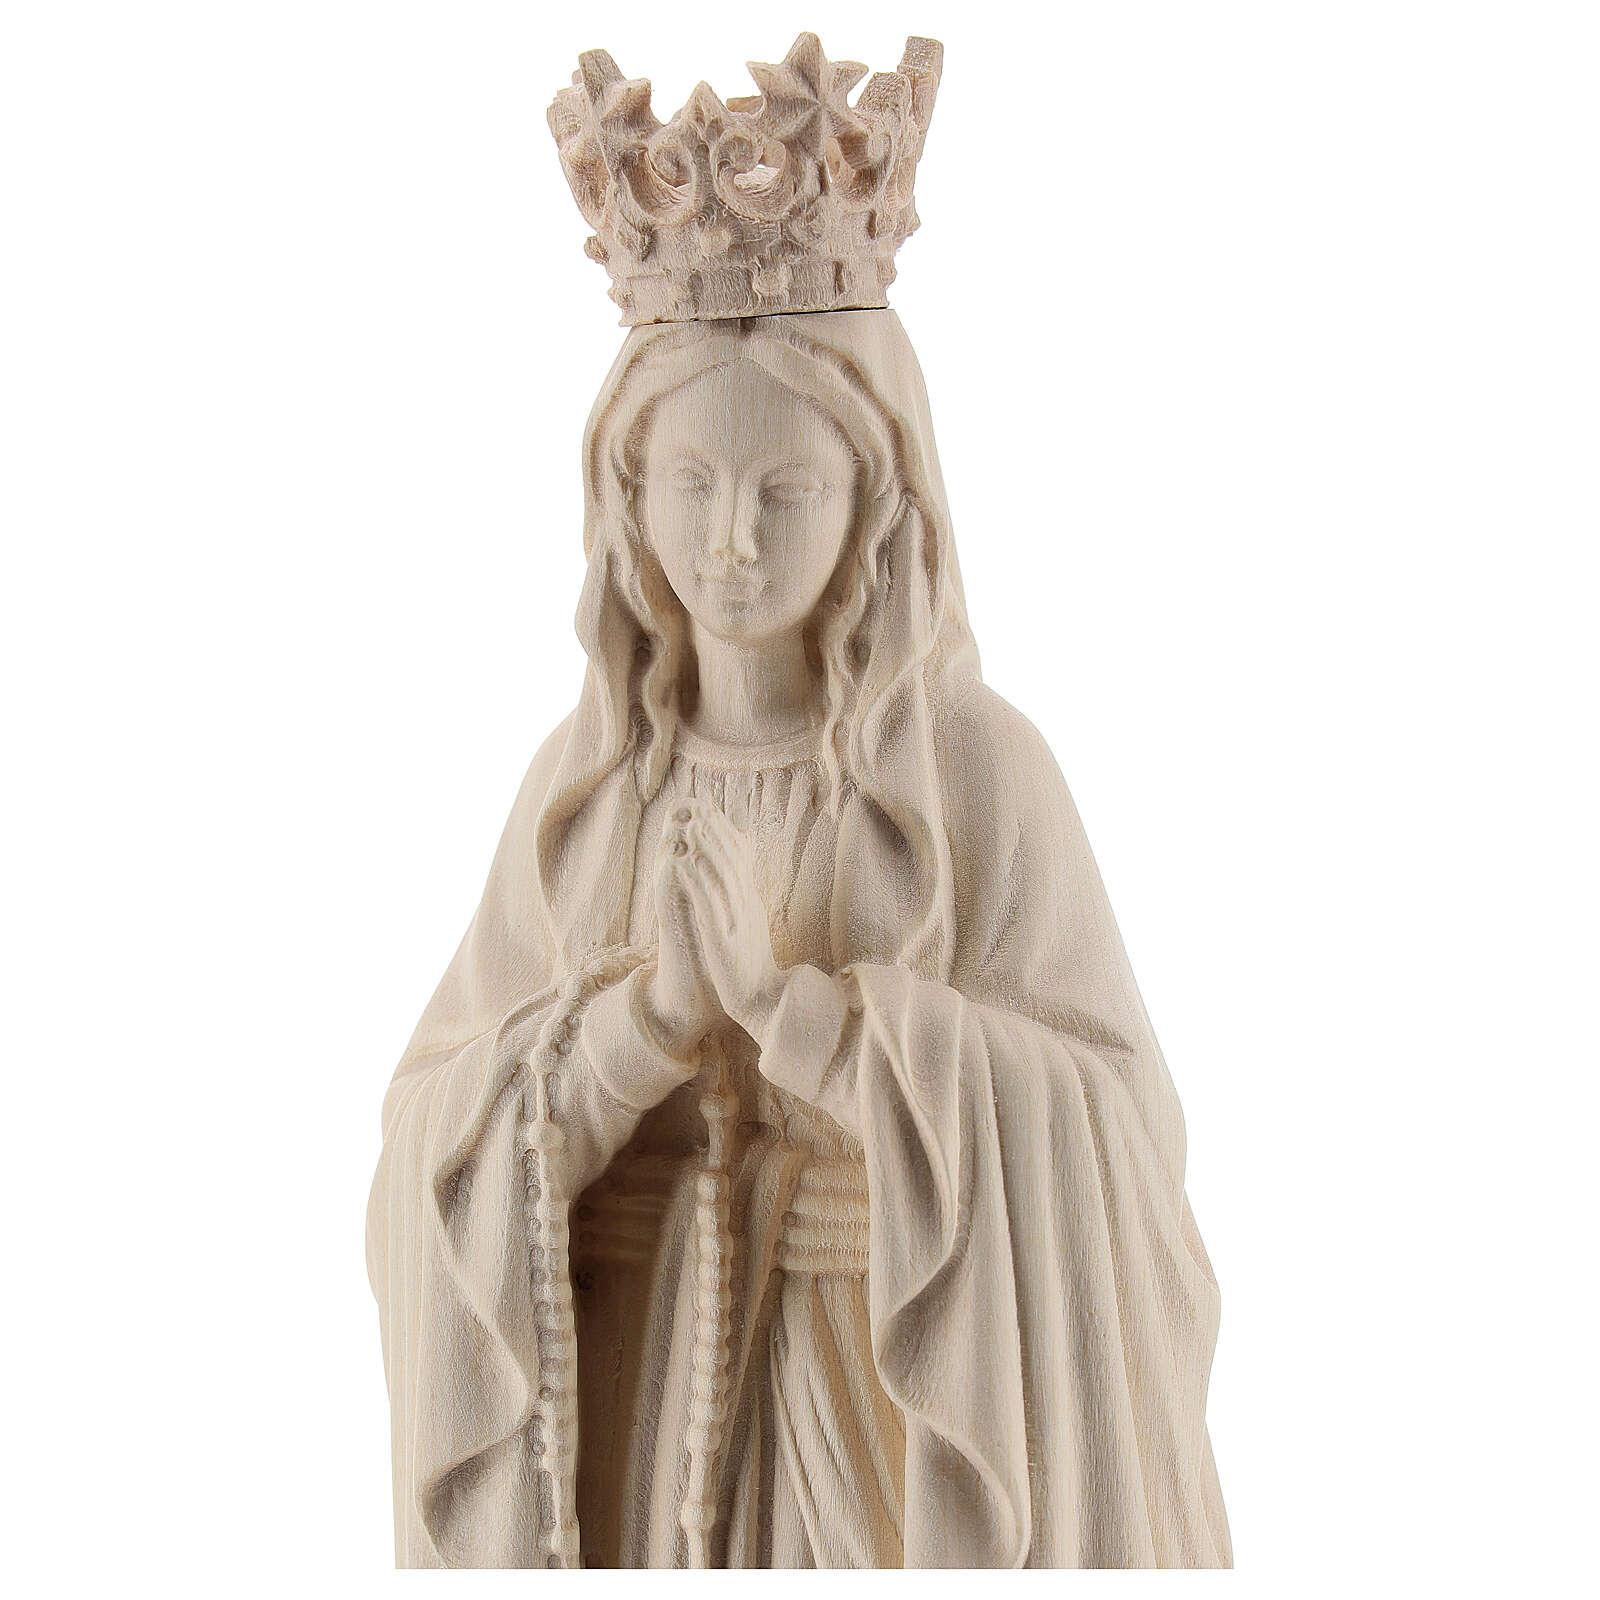 Gottesmutter von Lourdes Naturholz Grödnertal 4